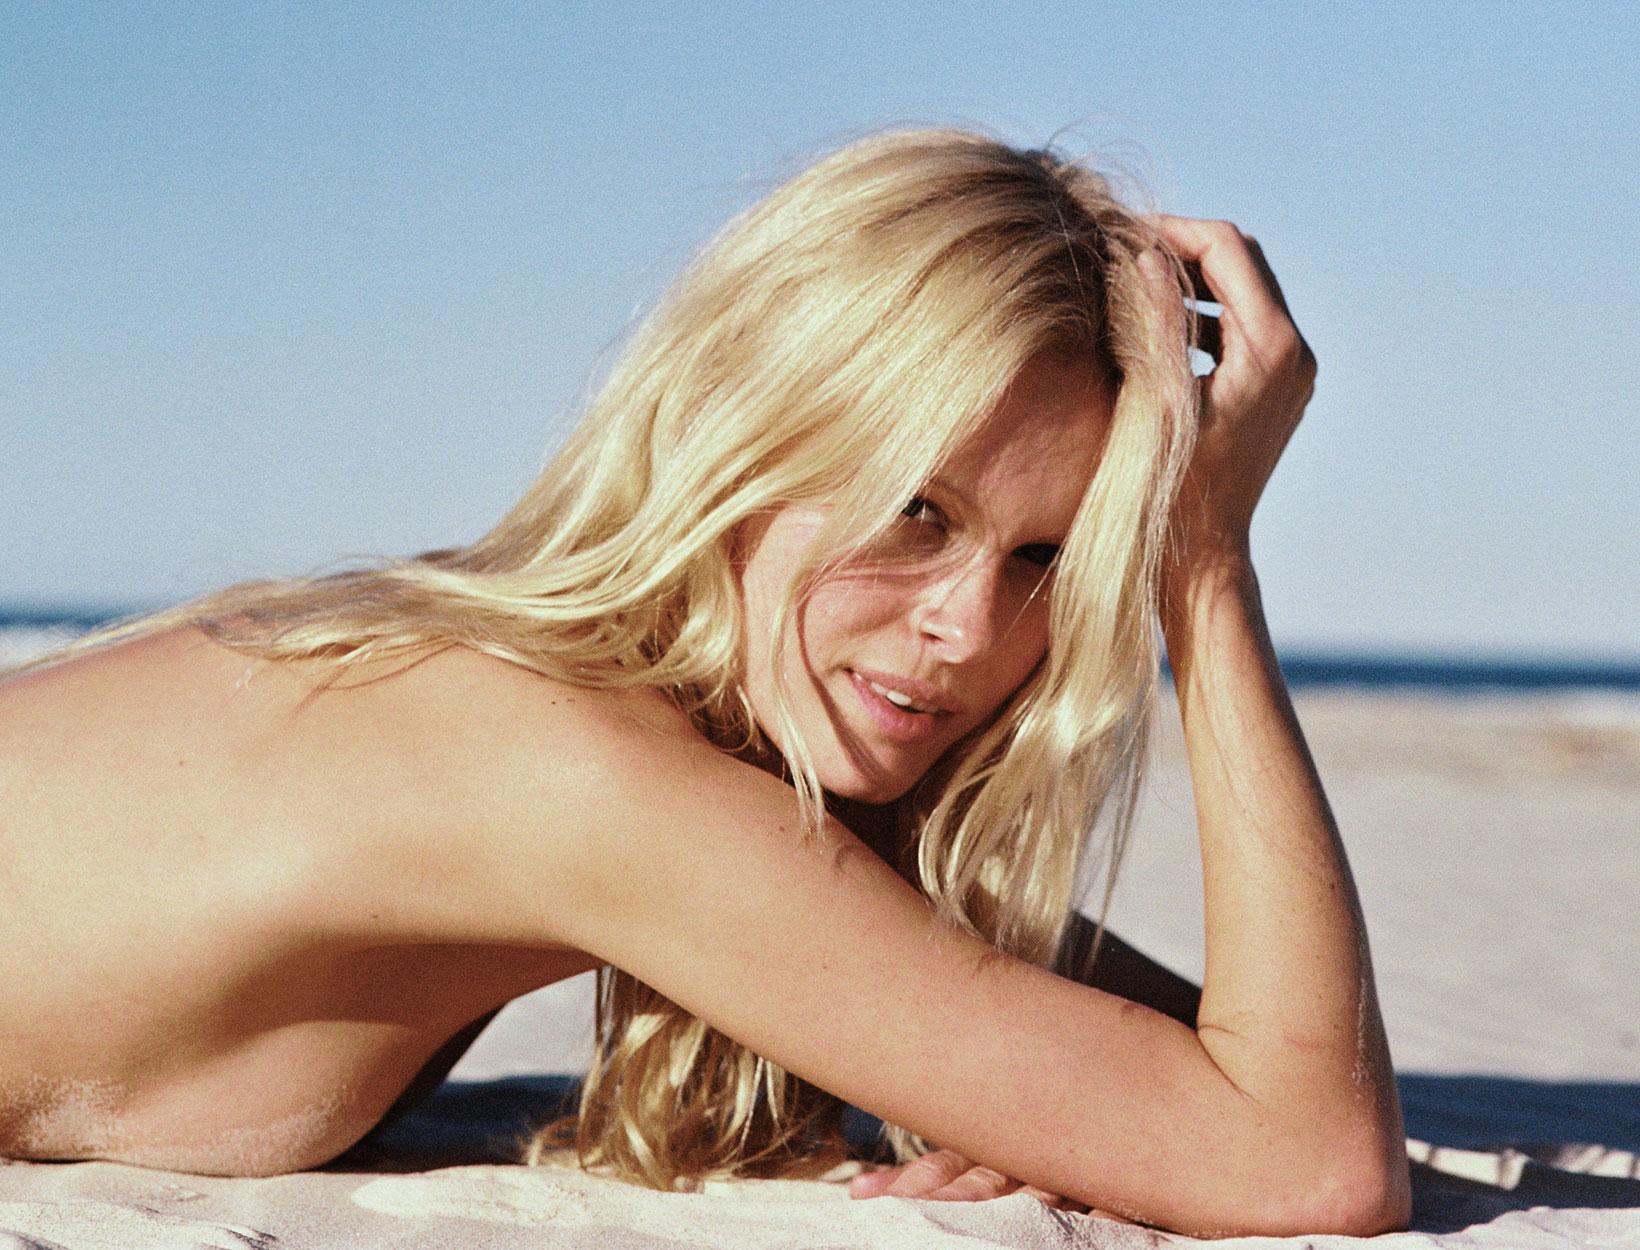 girl with long hair on beach